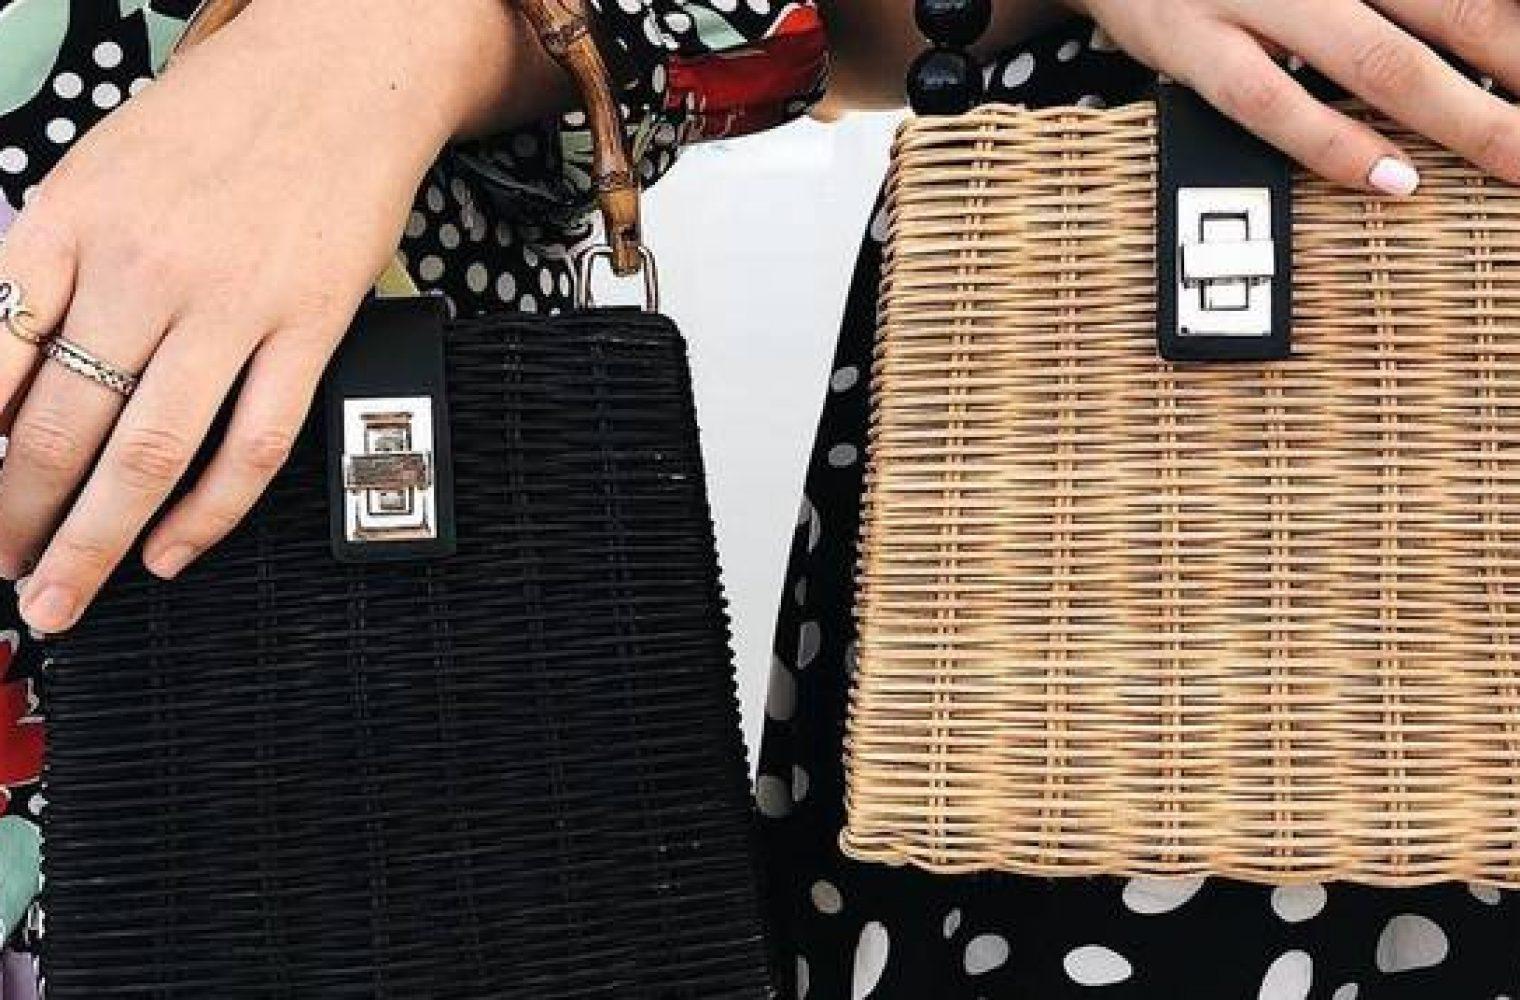 Πώς ψωνίζουν από τα Zara οι εργαζόμενοί τους: Τα μυστικά τους για ακόμα μεγαλύτερη οικονομία